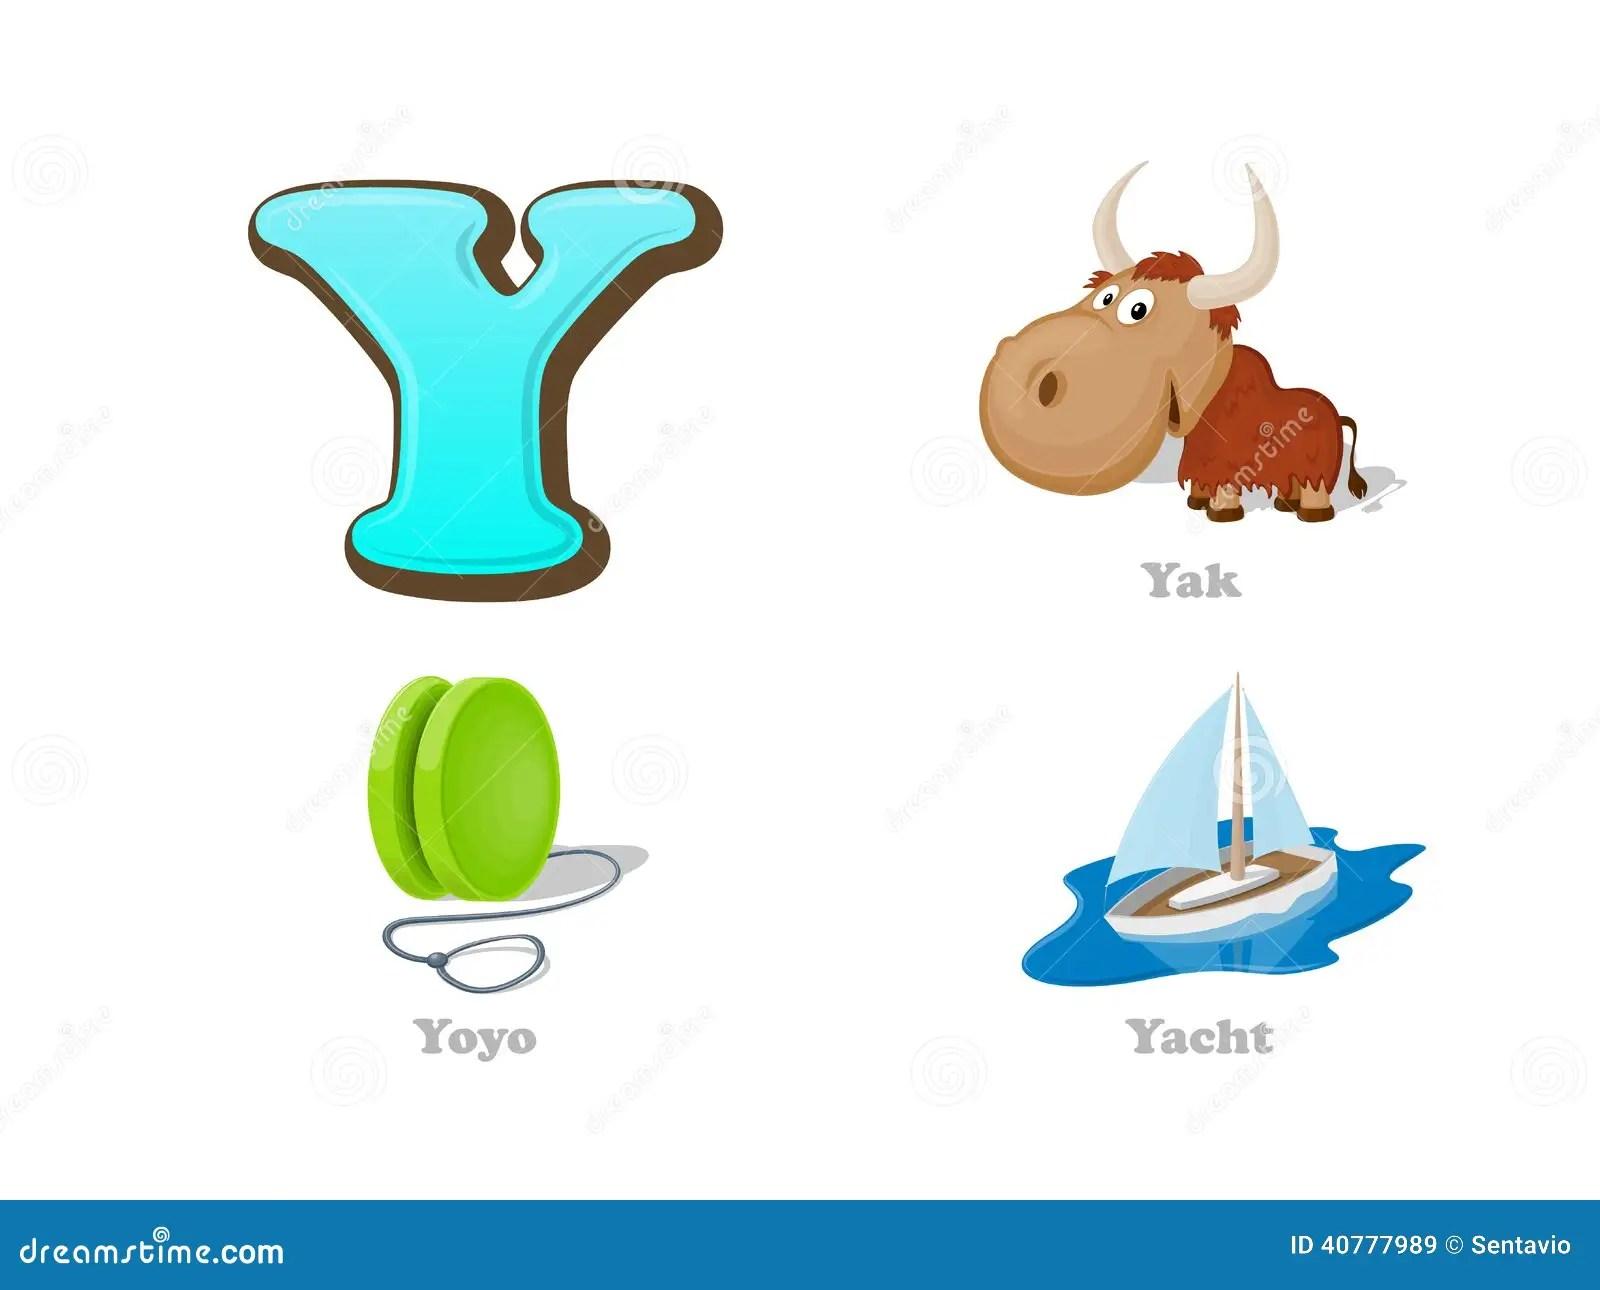 Abc Letter Y Funny Kid Icons Set Yak Yo Yo Yacht Stock